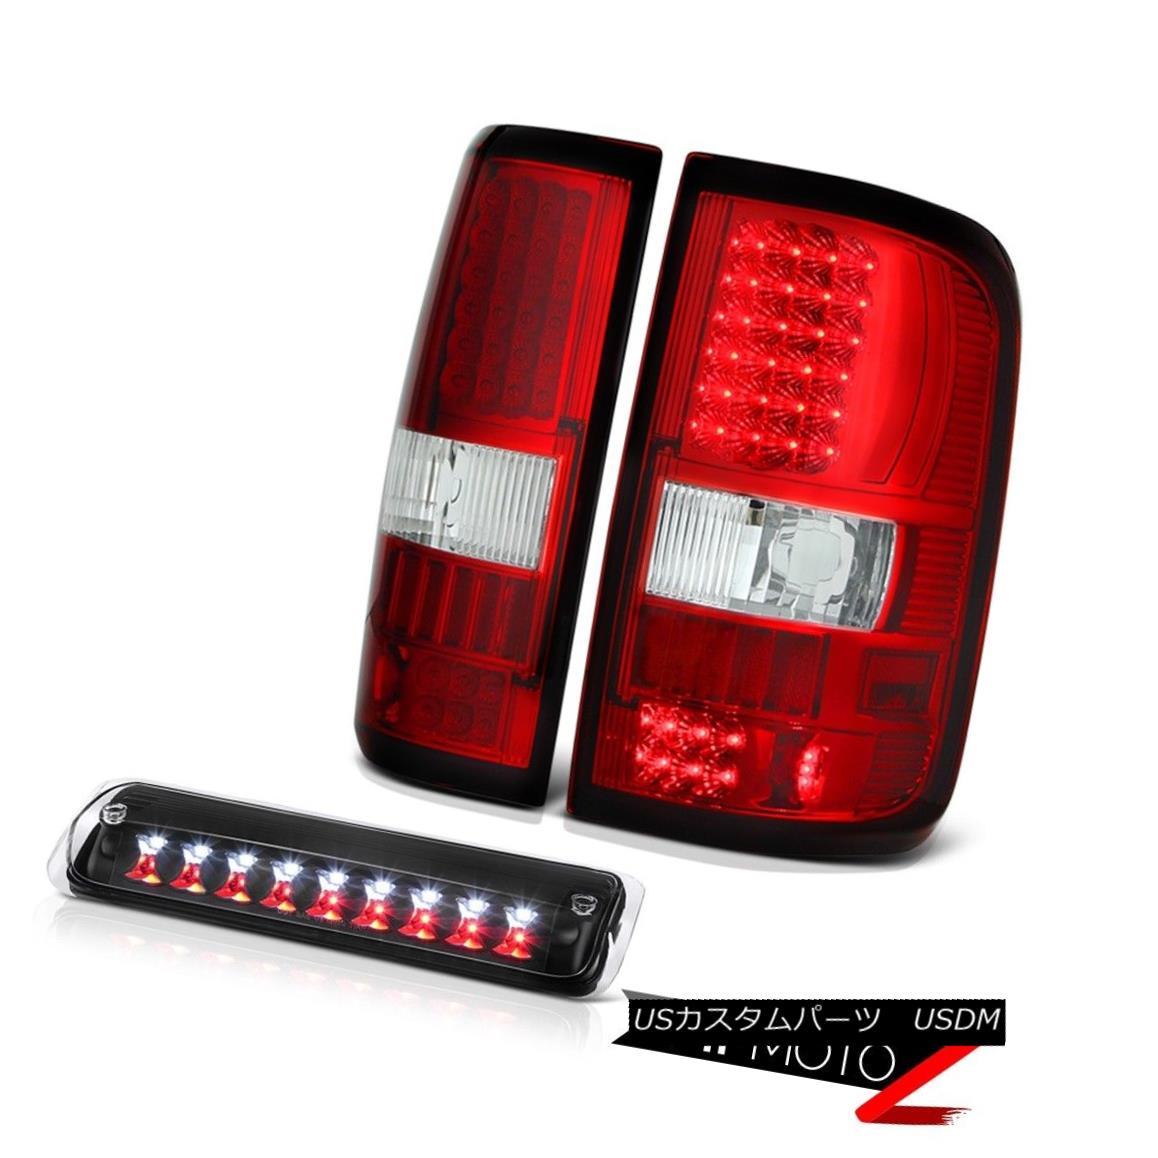 テールライト 04 05 06 07 08 Ford F150 FX4 Roof Cab Light Red Tail Brake Lamps